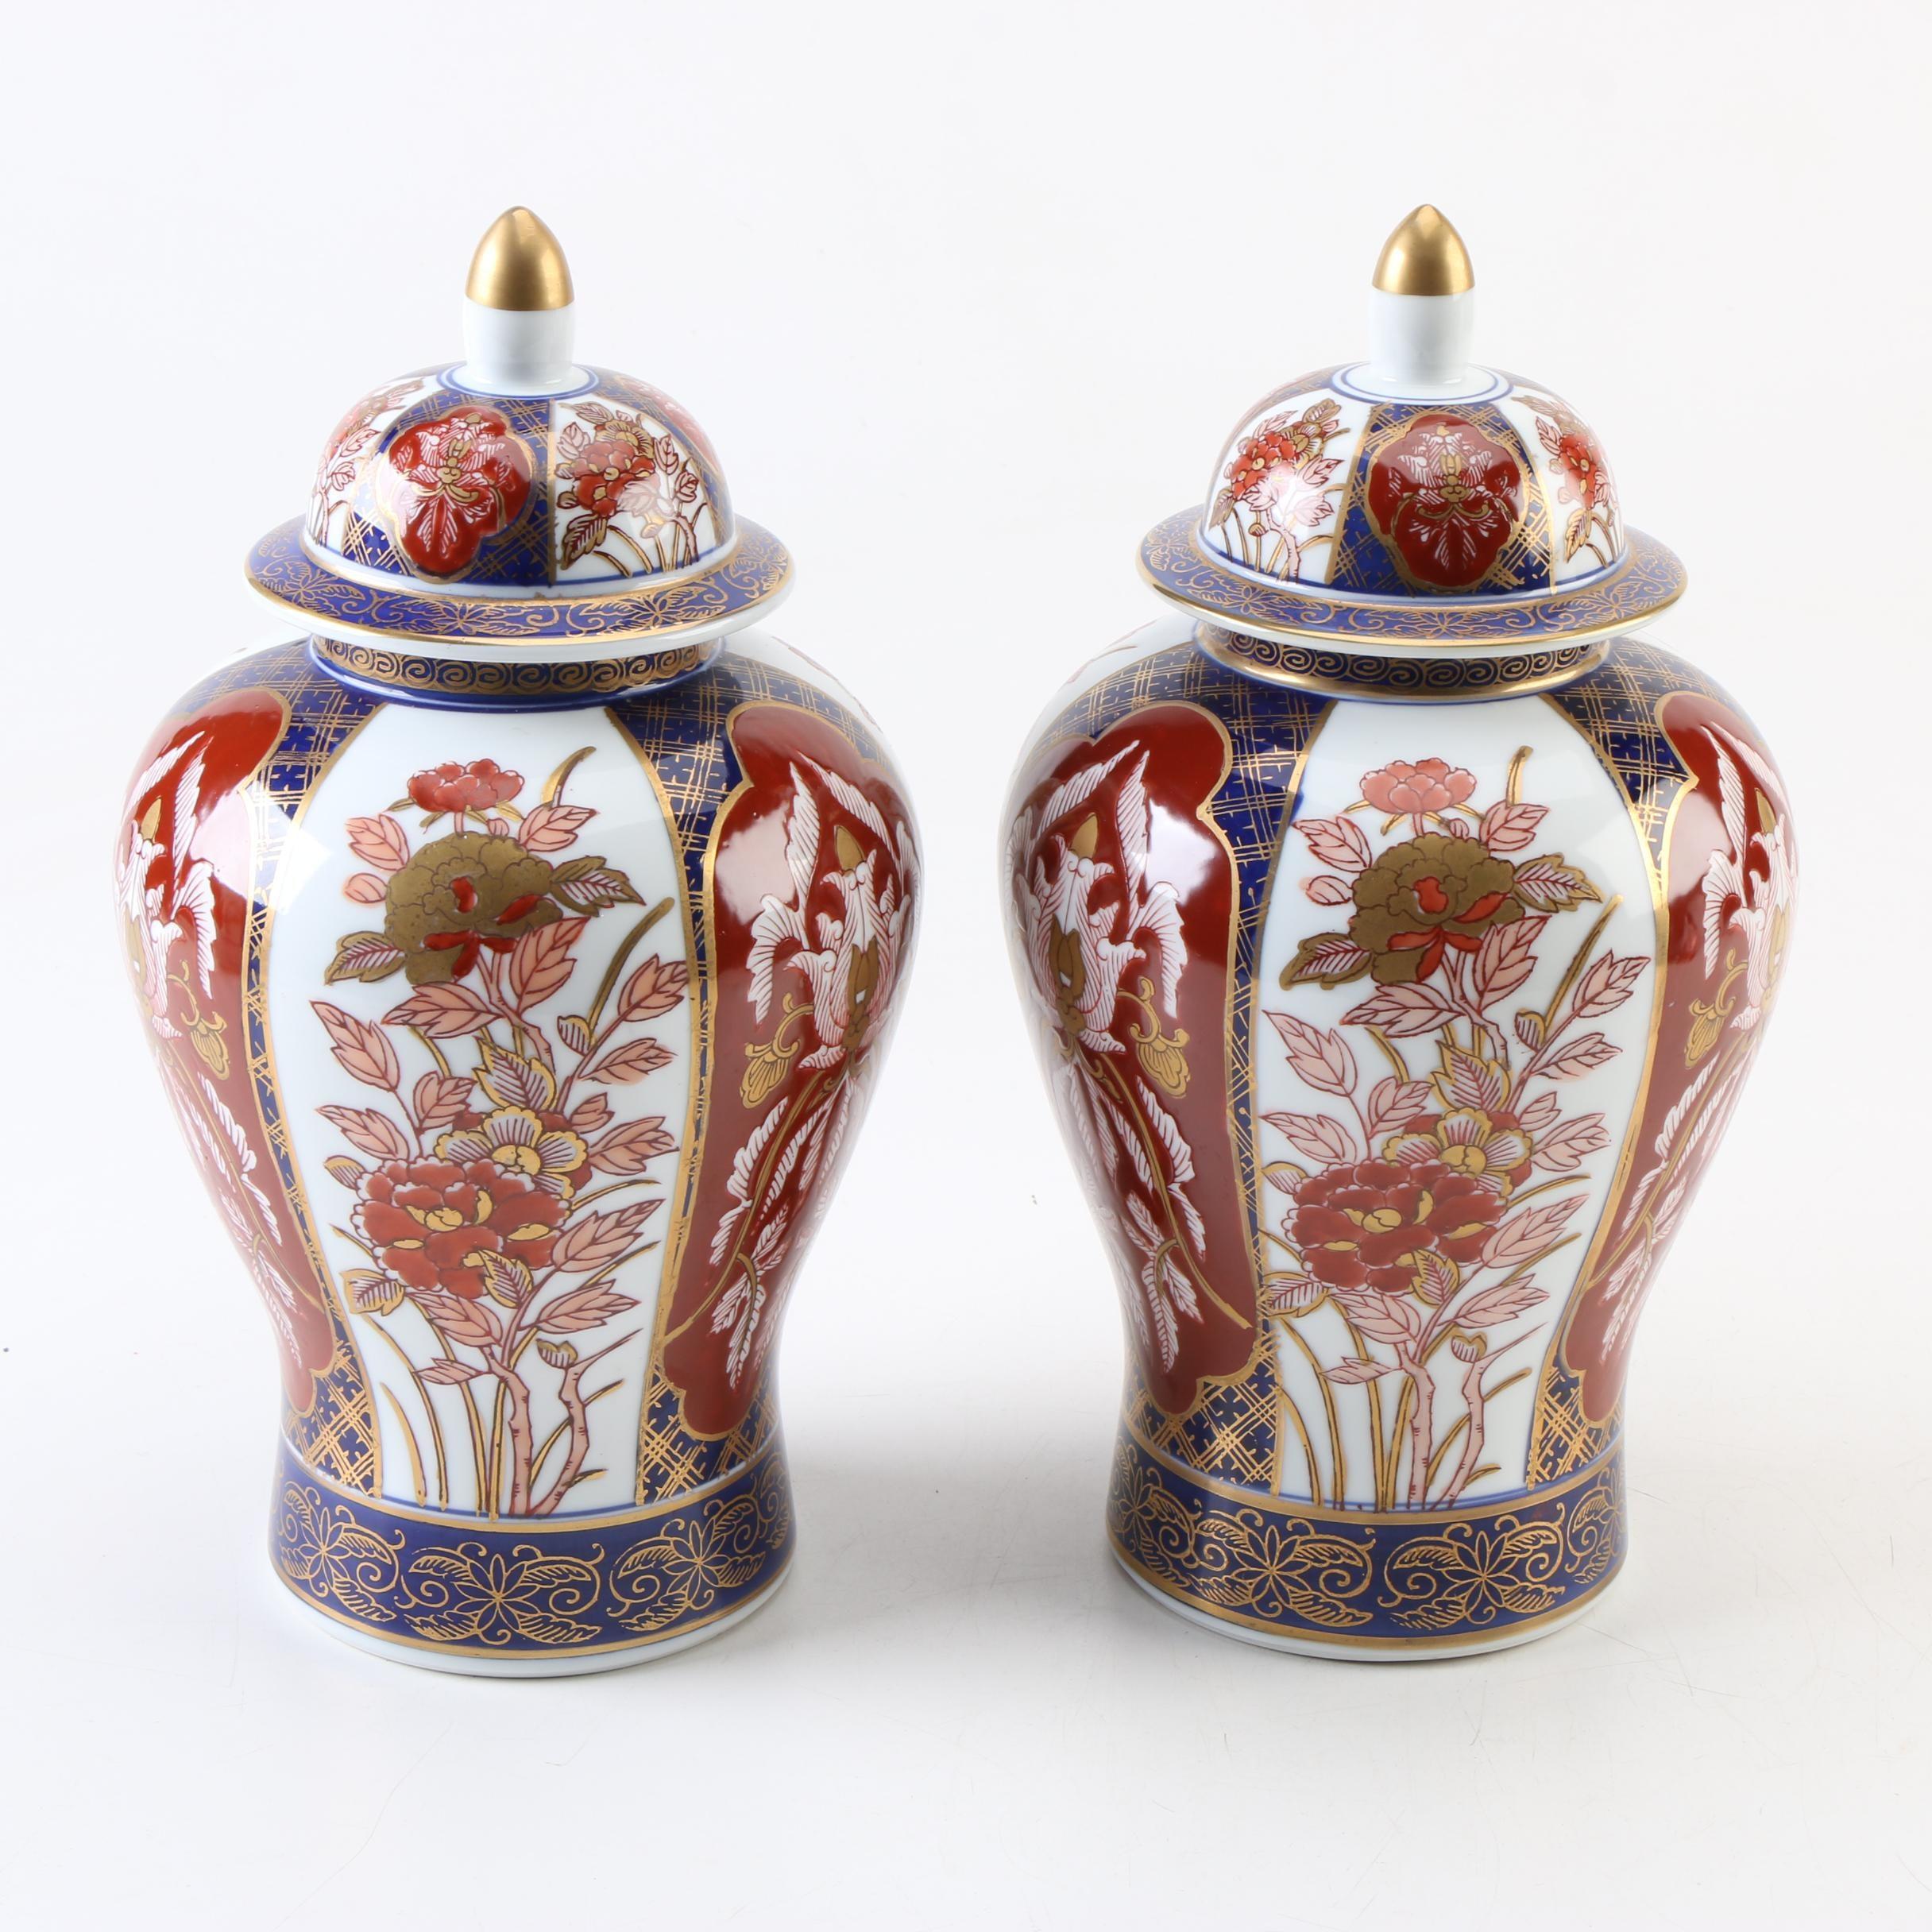 Andrea by Sadek Imari Porcelain Urns